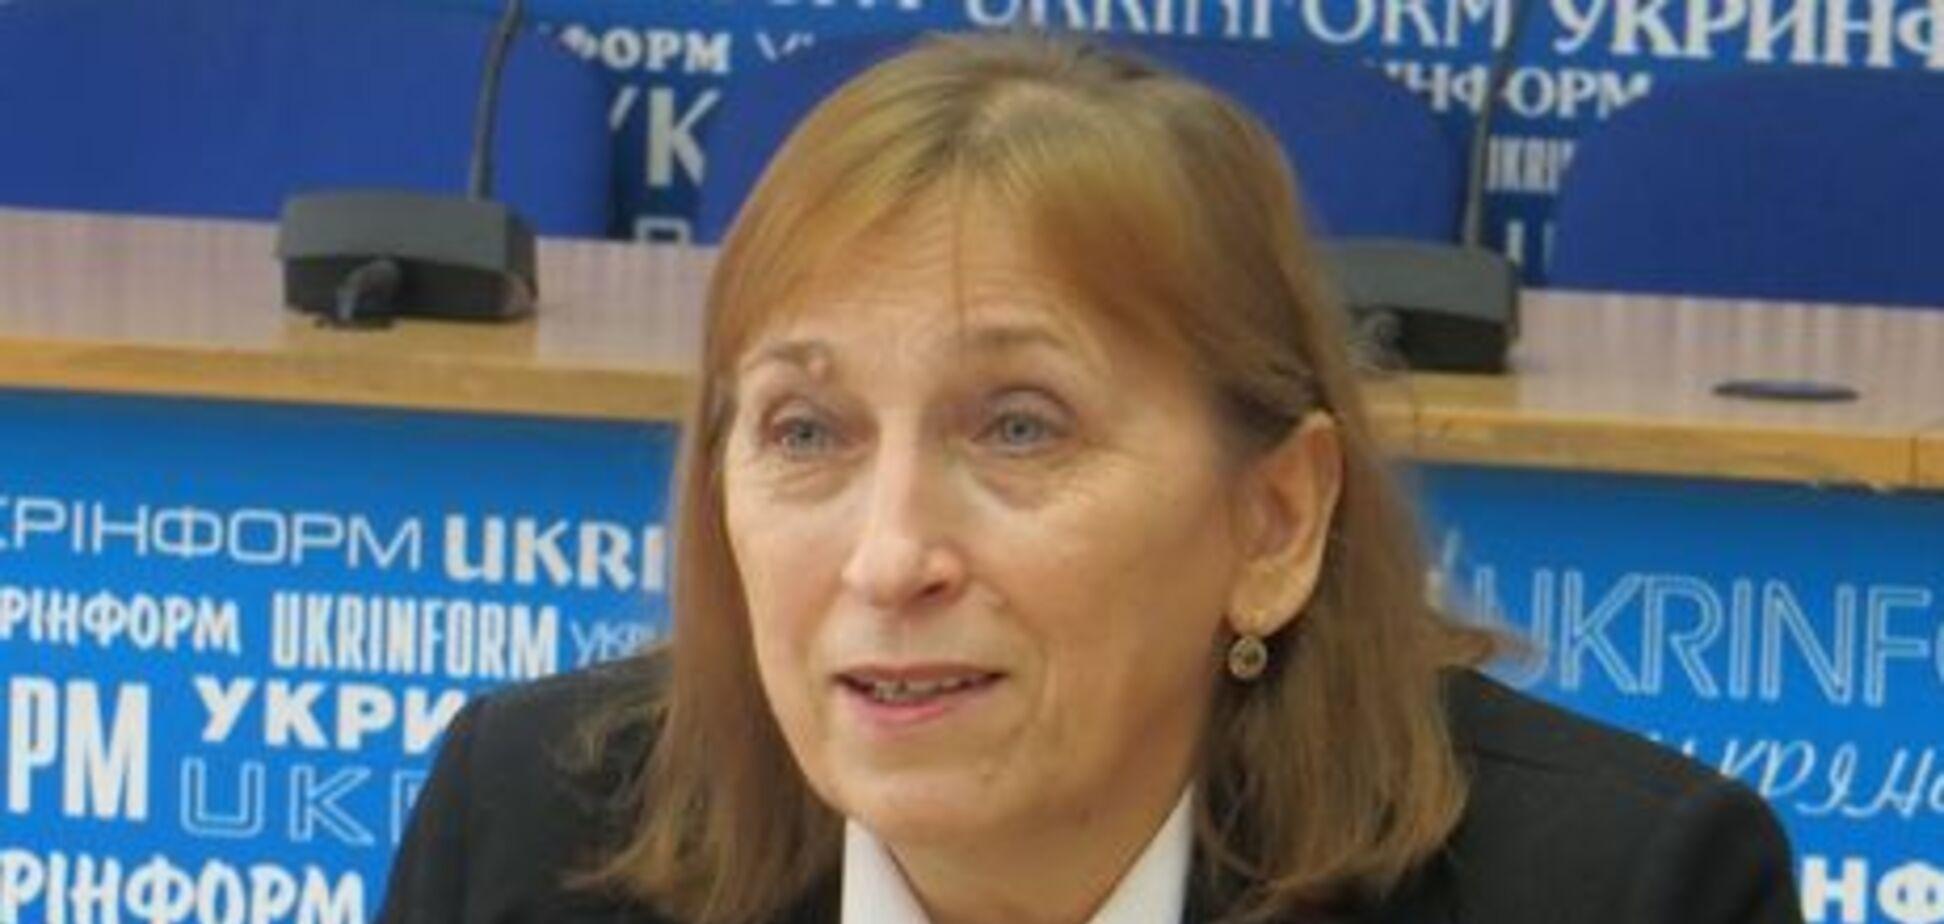 'Мы опять пошли в неправильном направлении': социолог объяснила падение уровня доверия украинцев к правительству